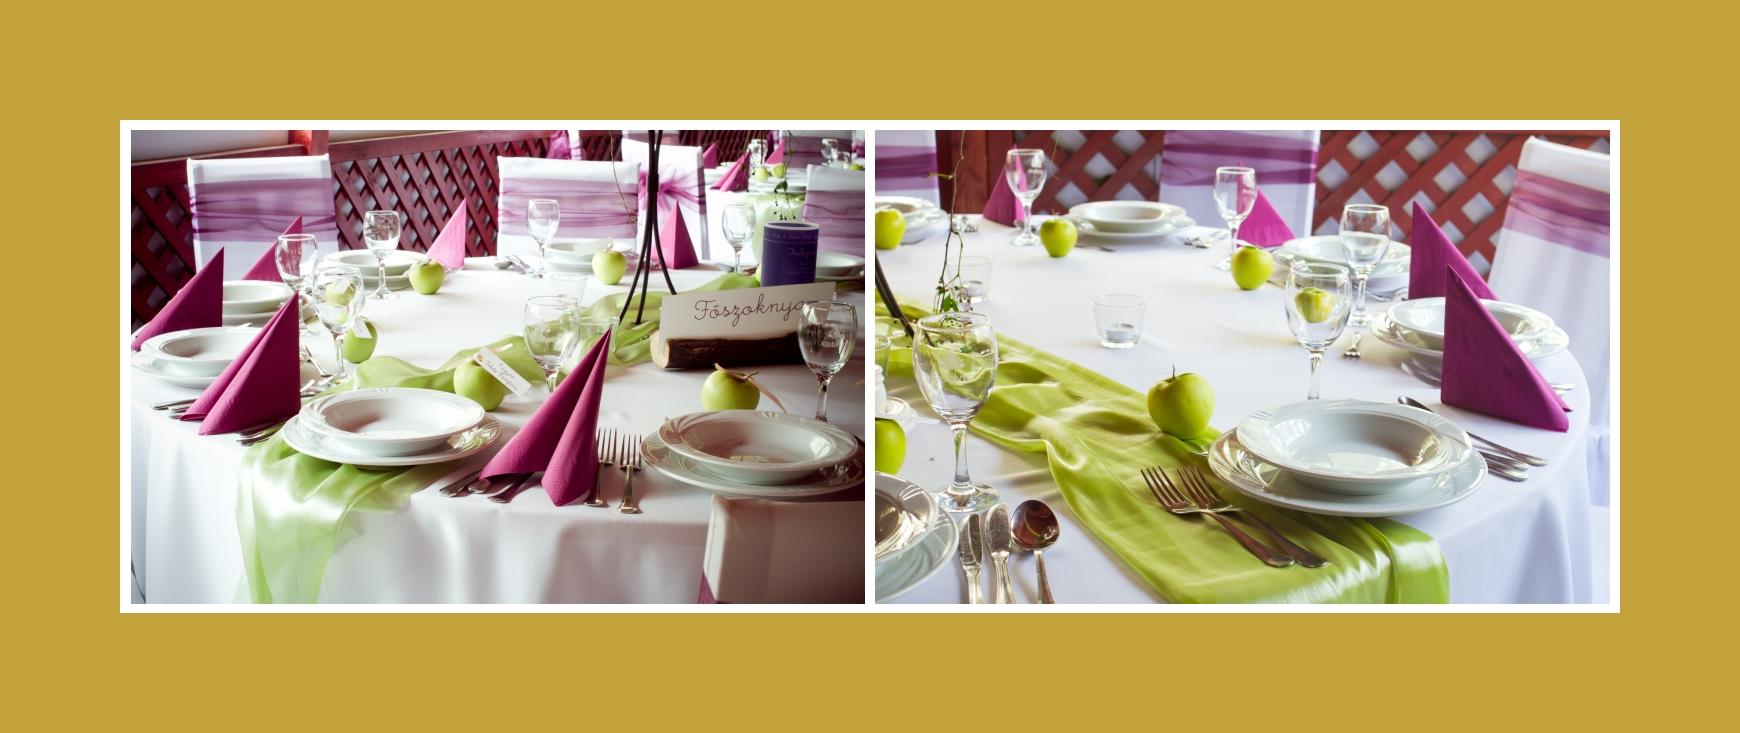 Servietten Tischläufer grüne Äpfel Tisch